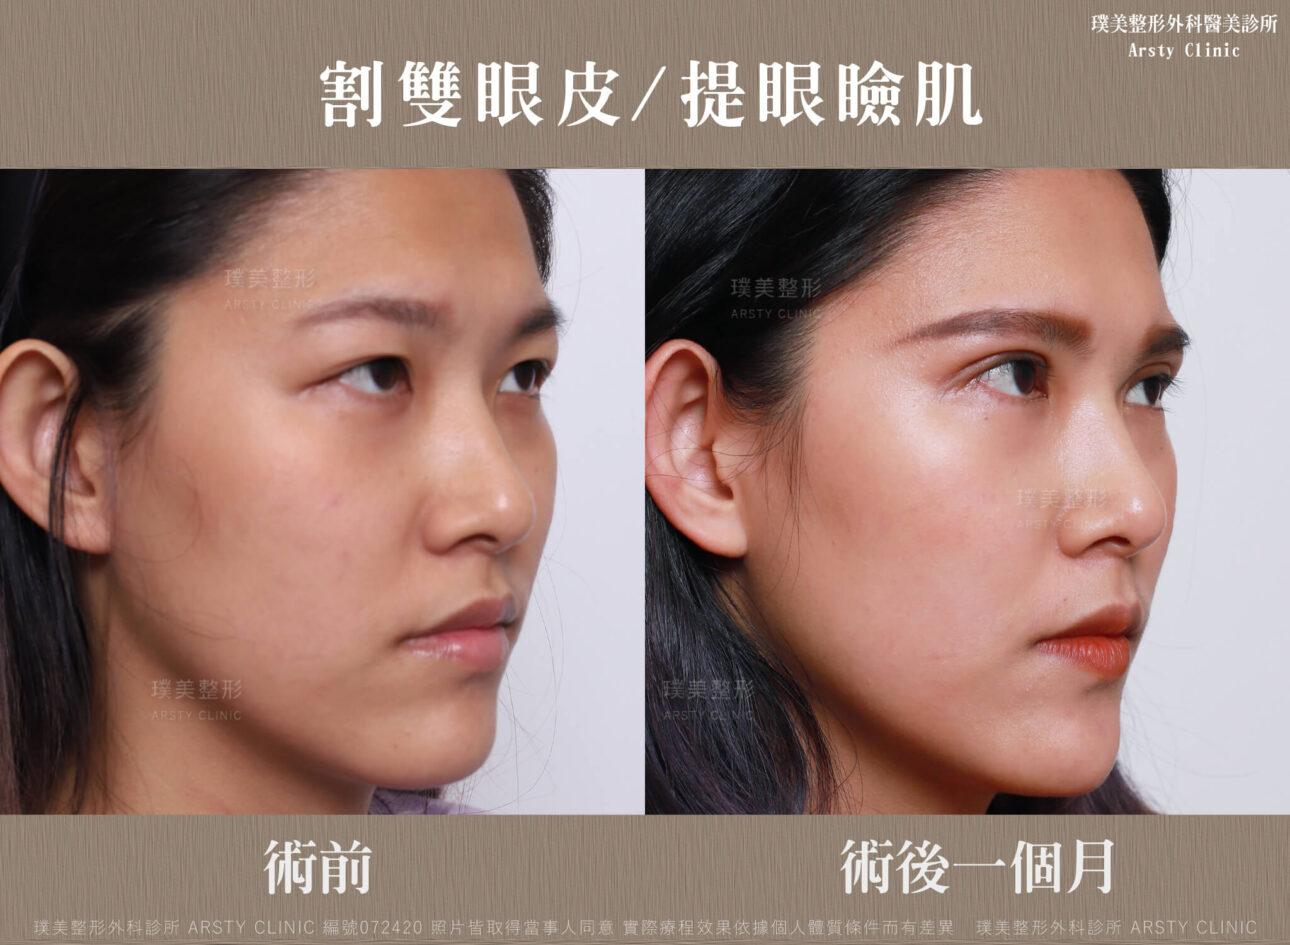 割雙眼皮、提眼瞼肌-BA-右45-072420-1M